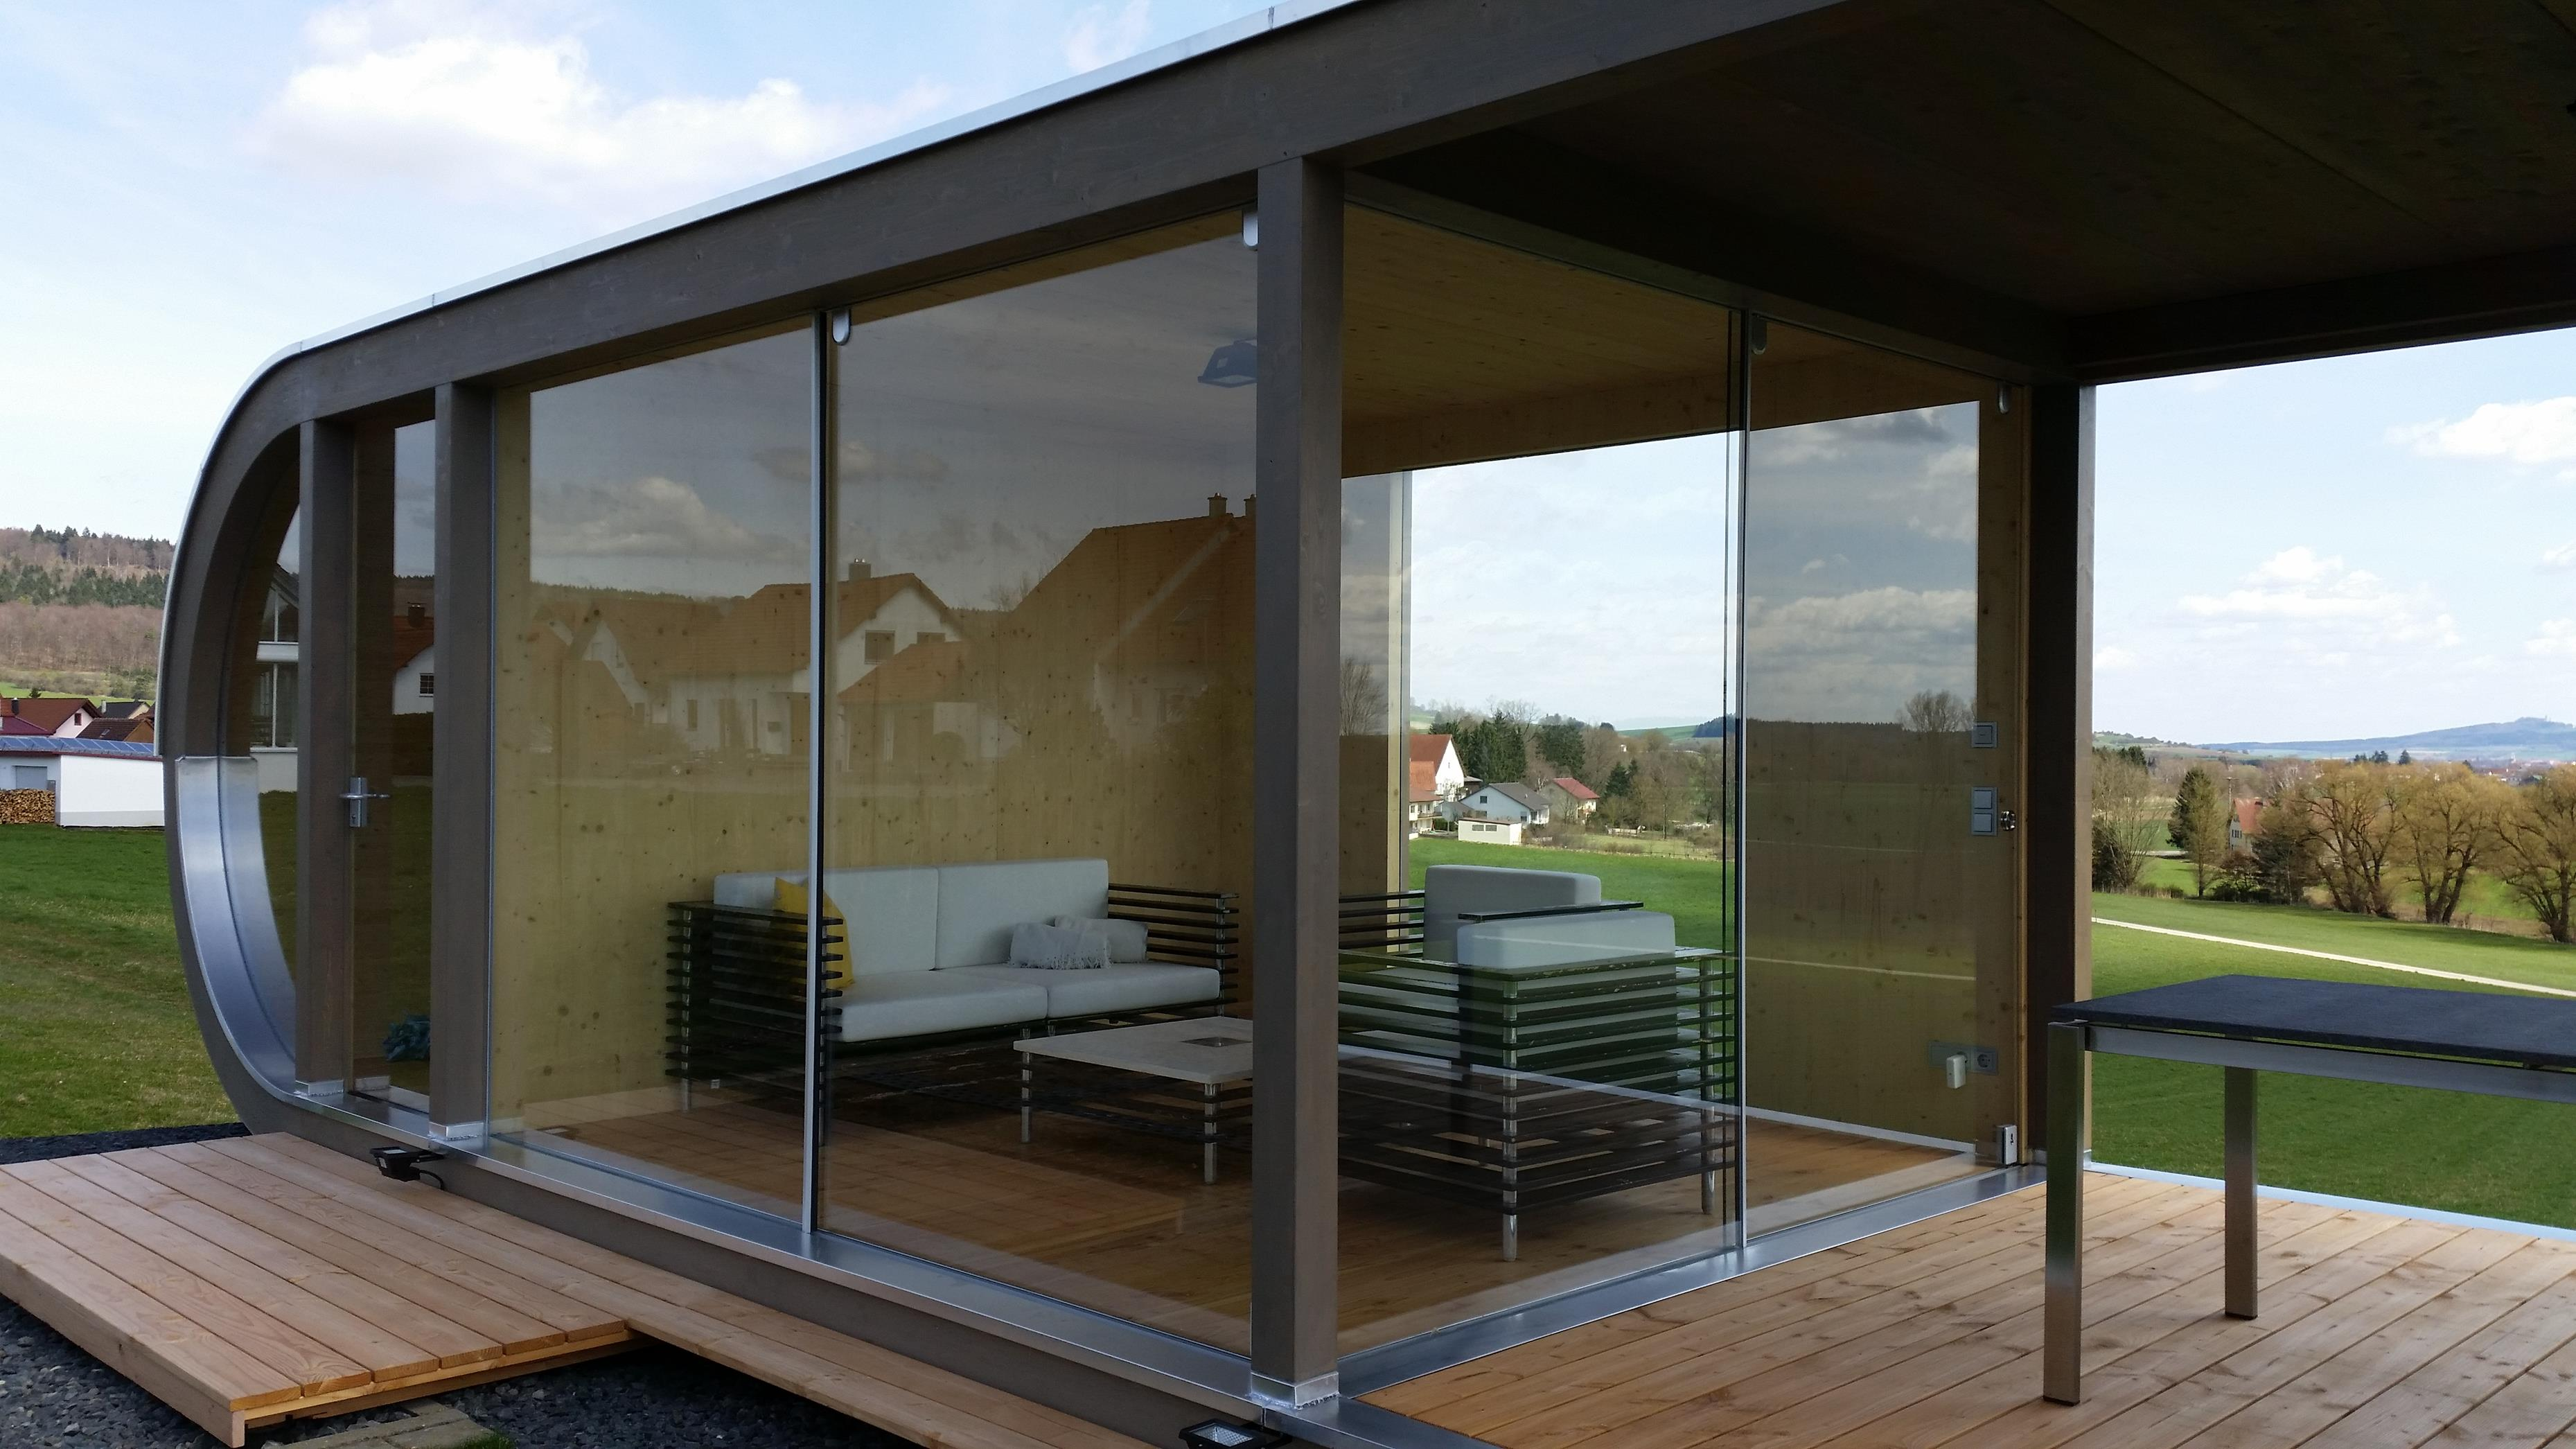 design gartenhaus mit integriertem ger teschuppen werner ettwein gmbh. Black Bedroom Furniture Sets. Home Design Ideas